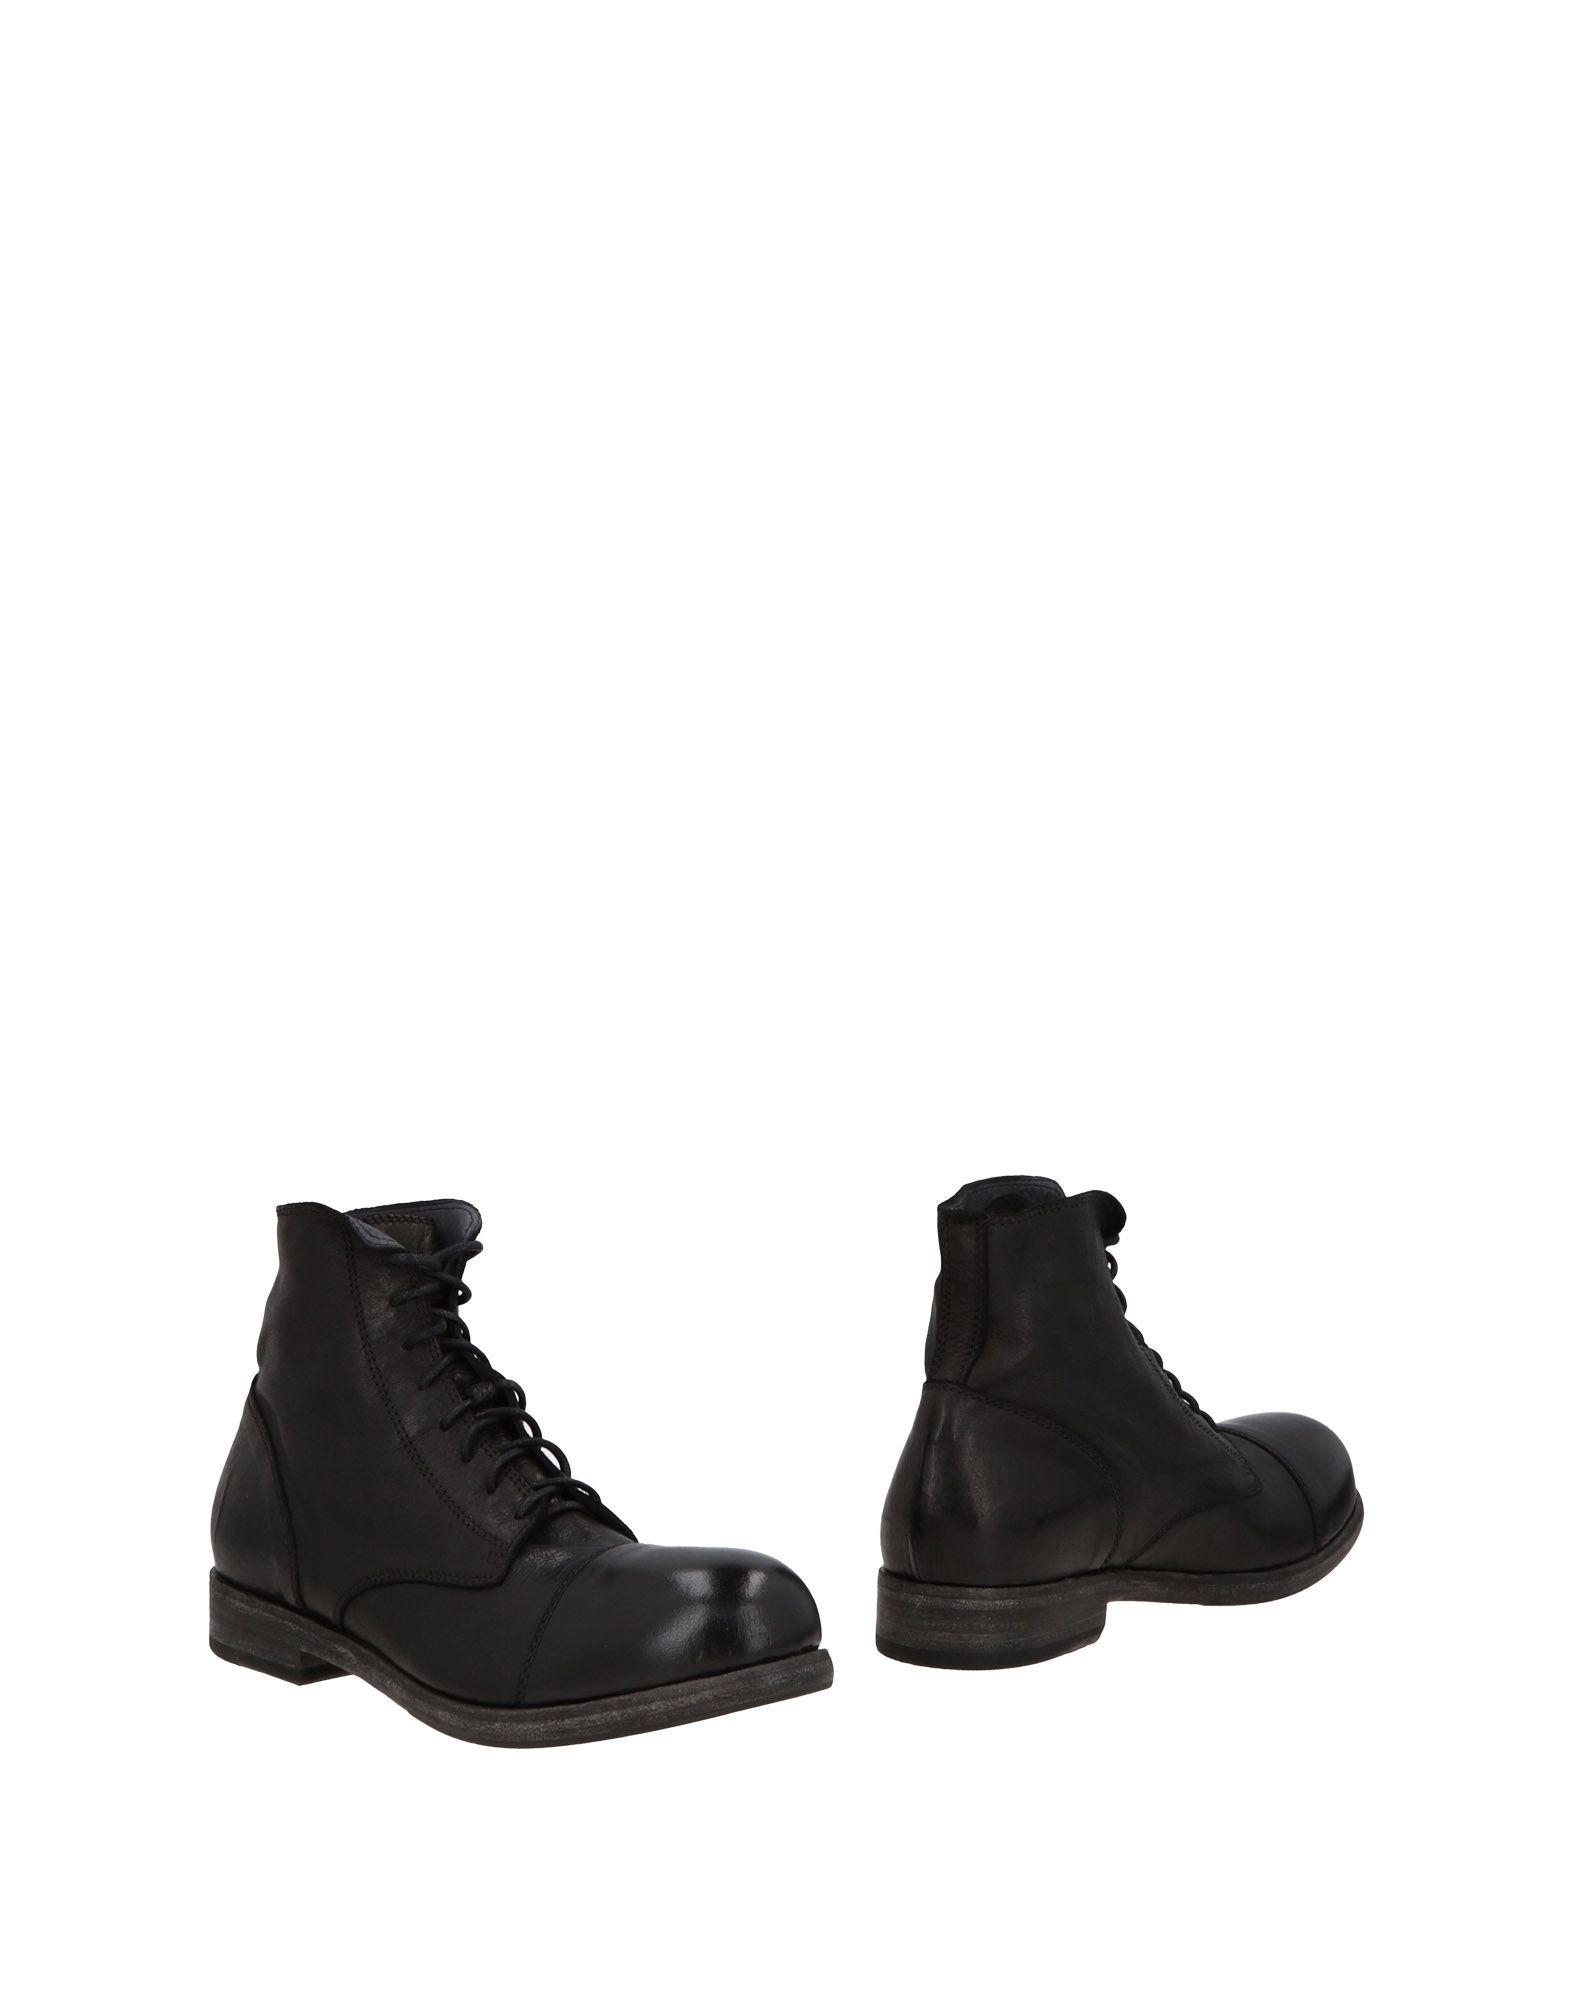 FOOTWEAR O.X.S. Black Man Leather